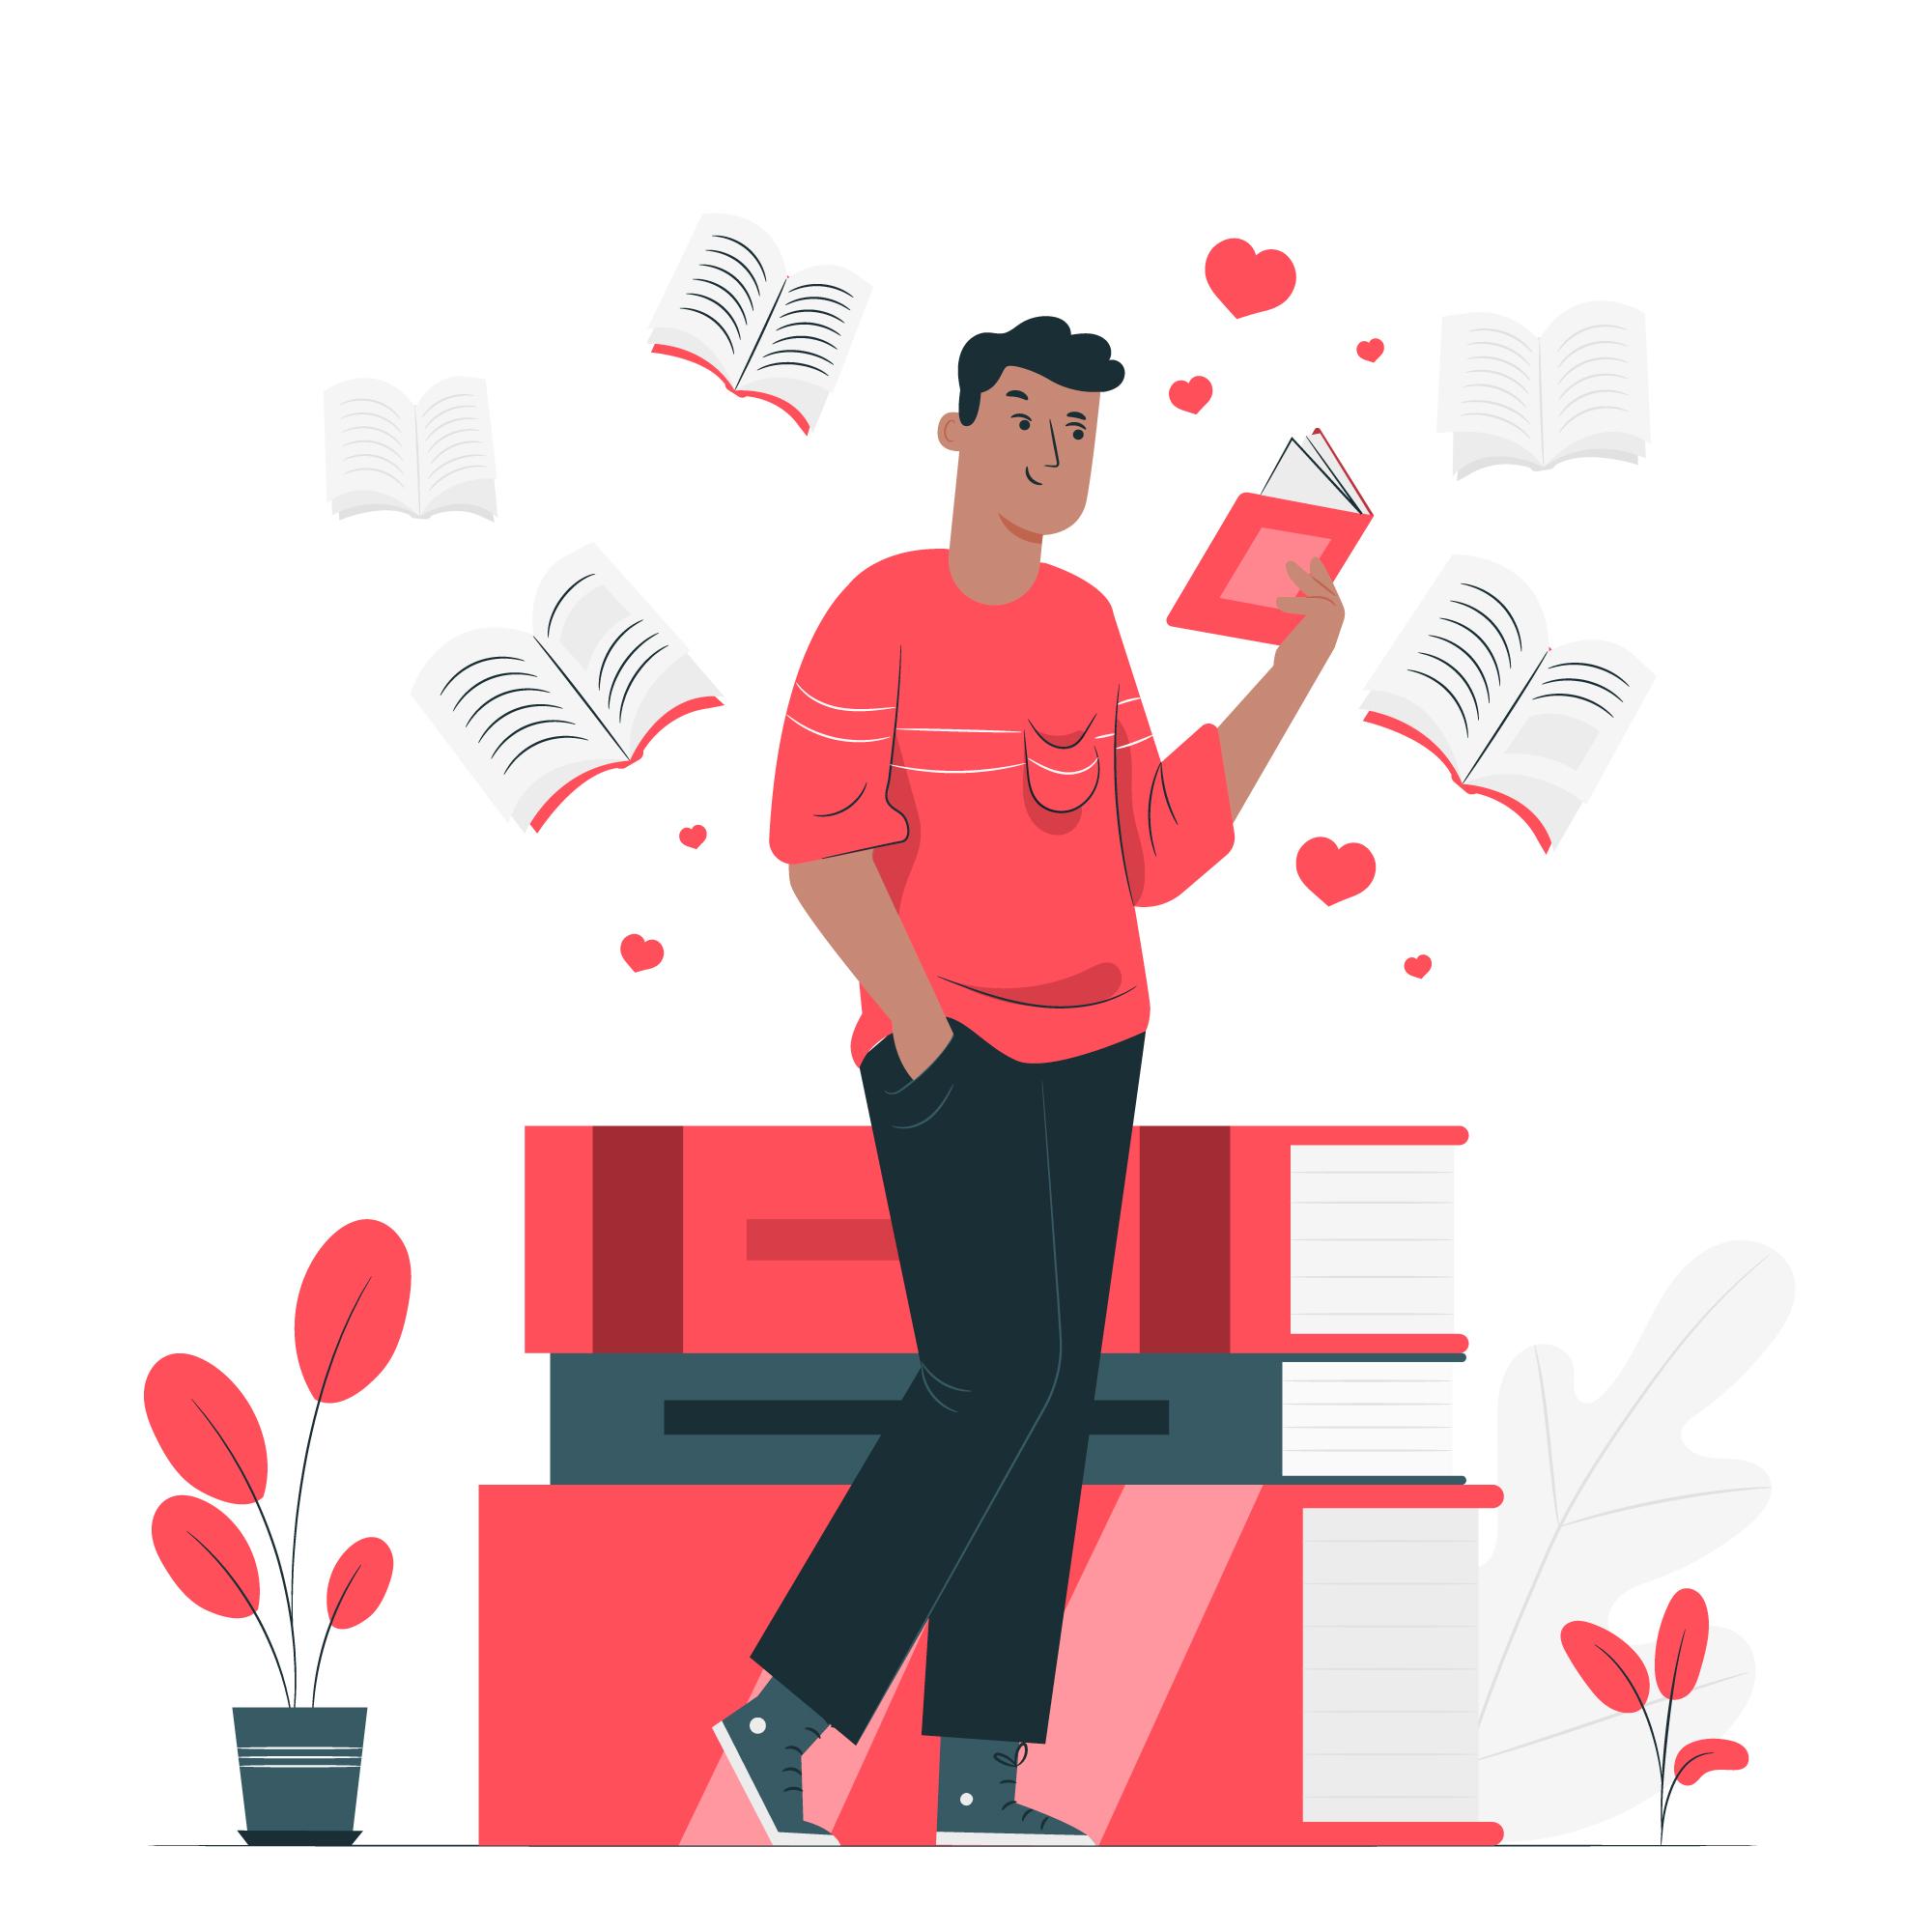 leggere, parole, psicologa